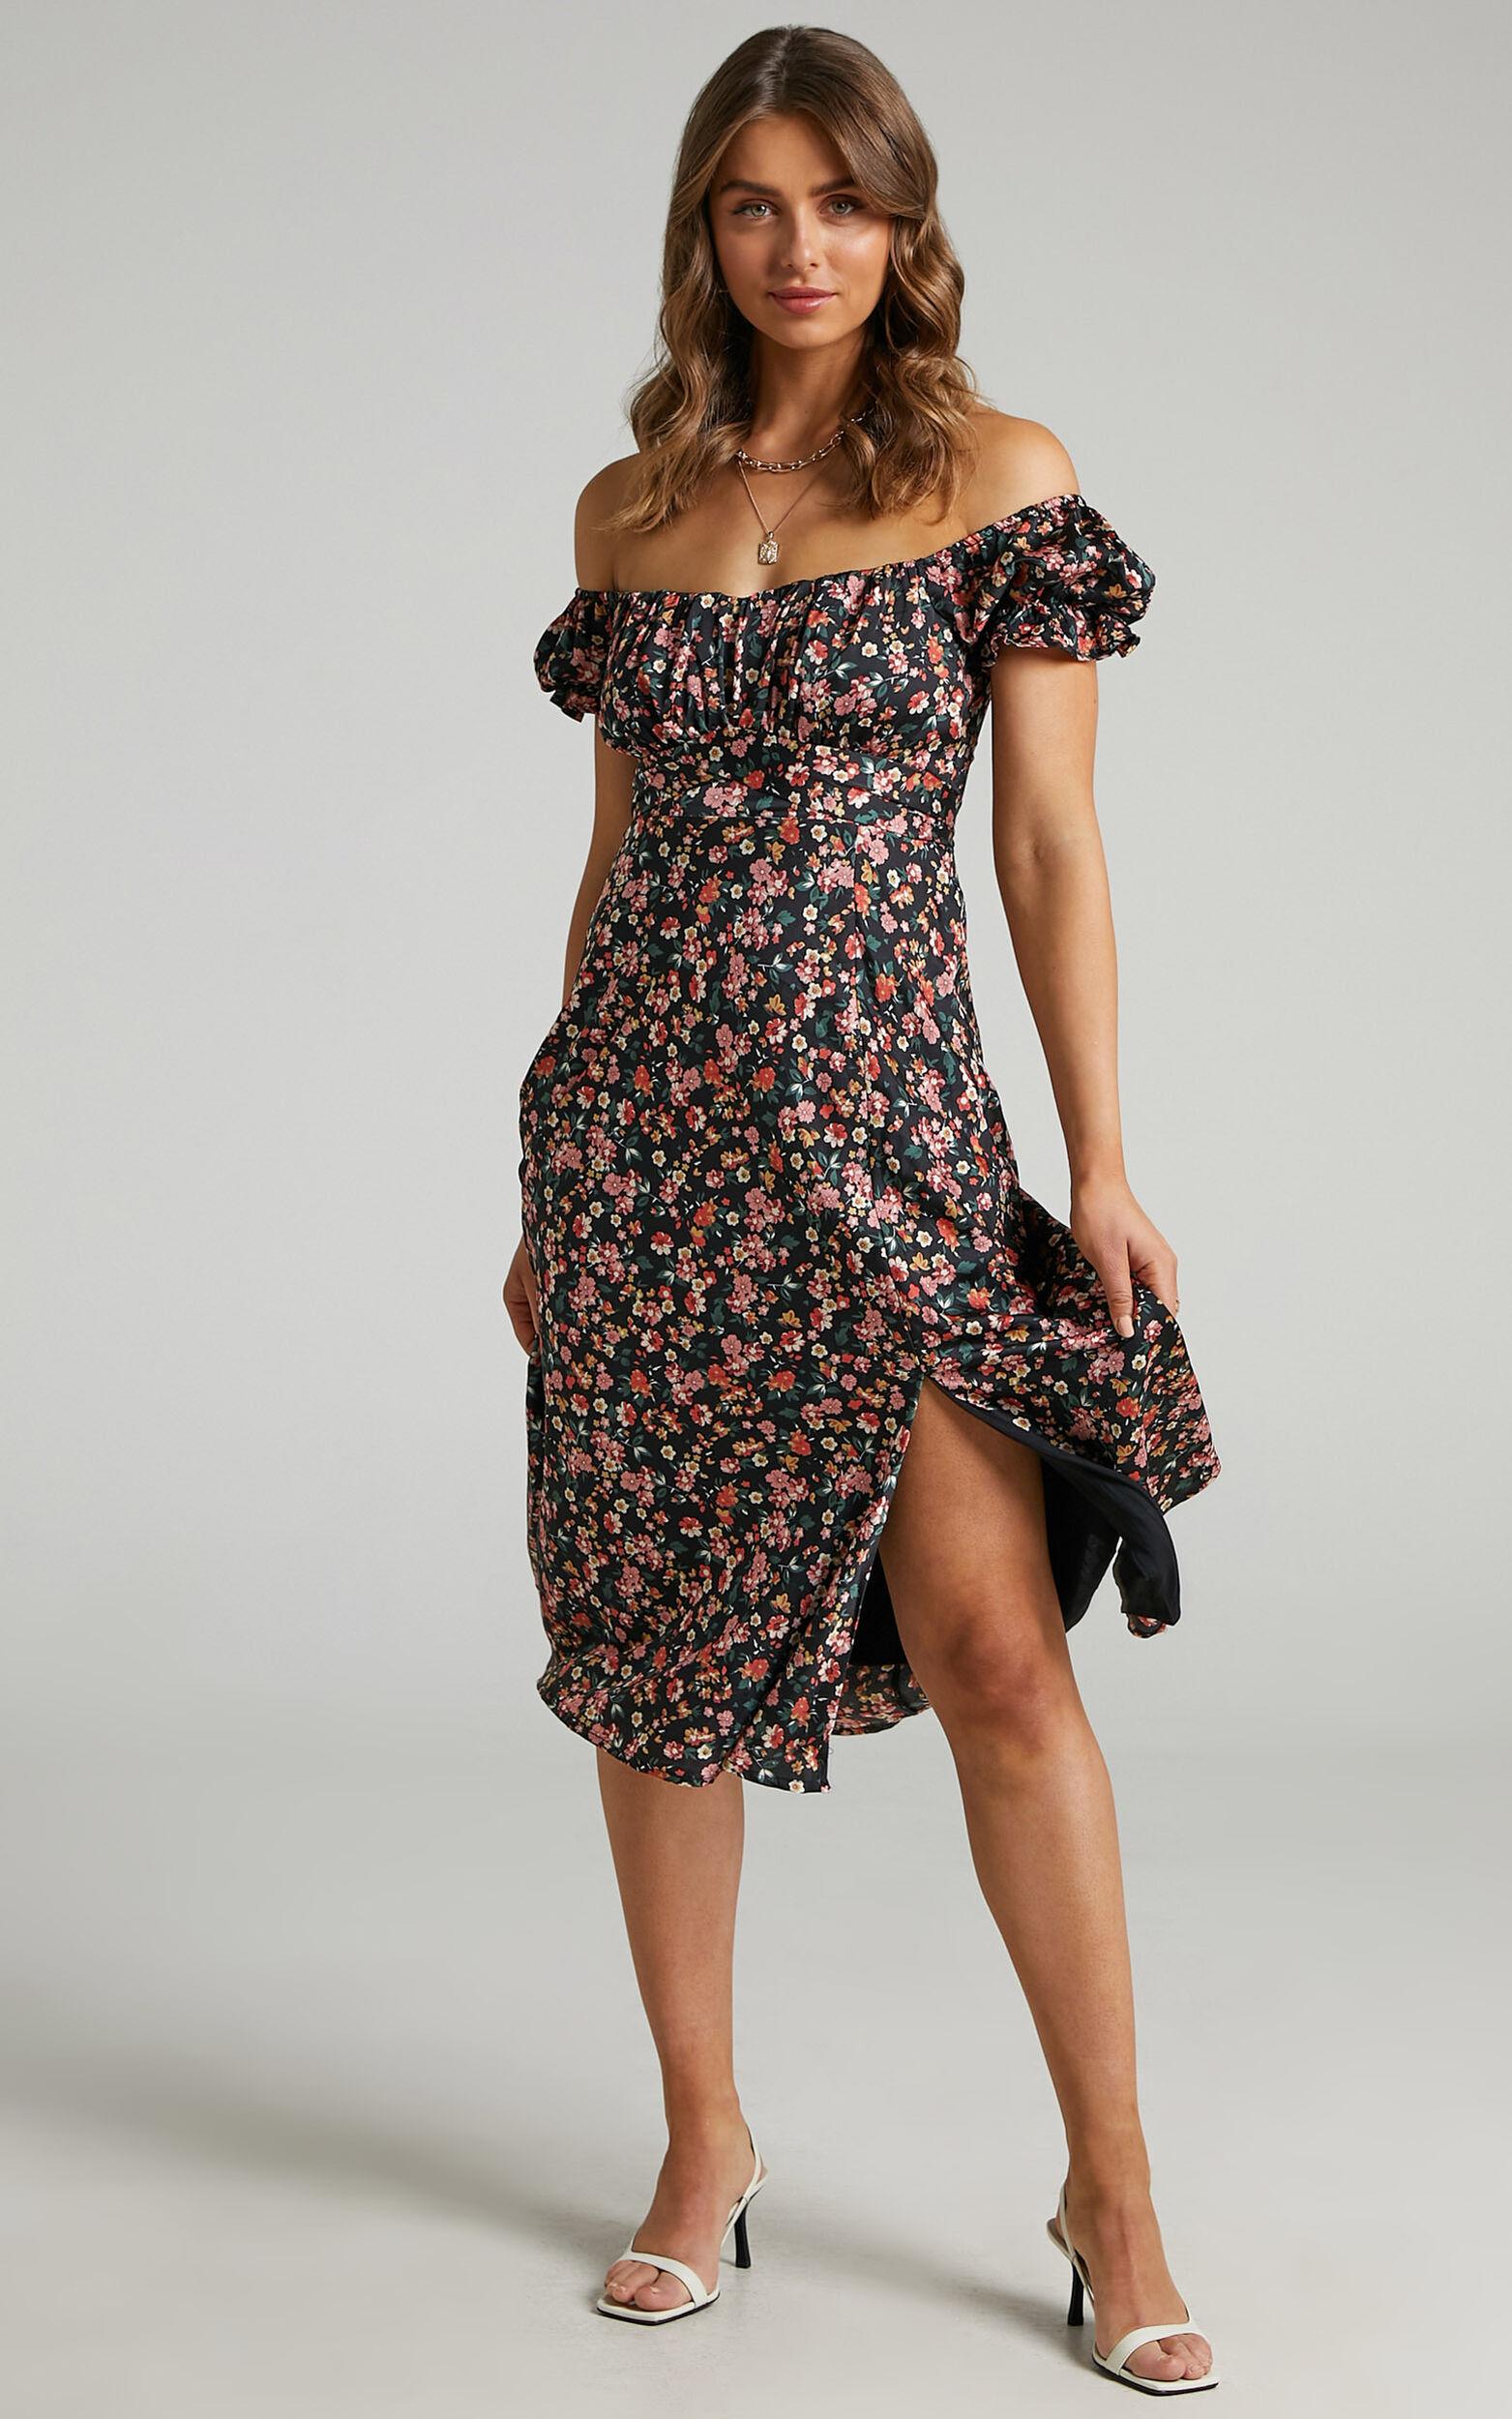 Kordyn Midi Dress in Black Floral - 06, BLK2, super-hi-res image number null